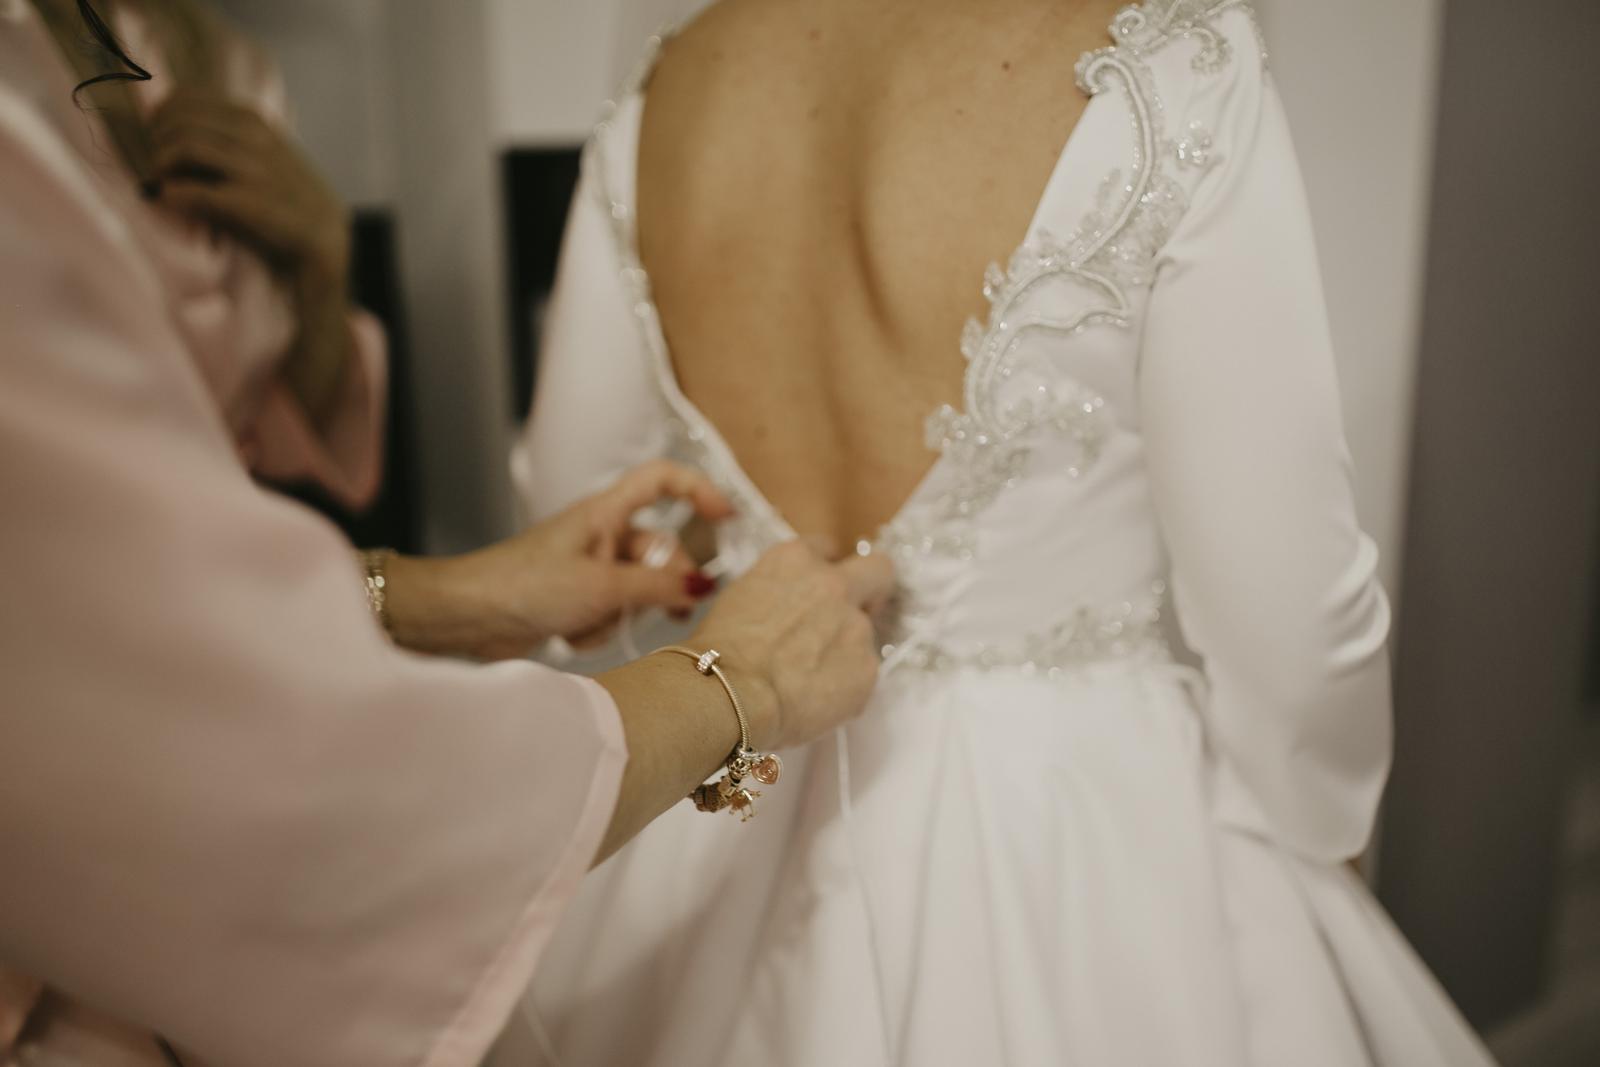 Predám svoje svadobné šaty - Obrázok č. 3